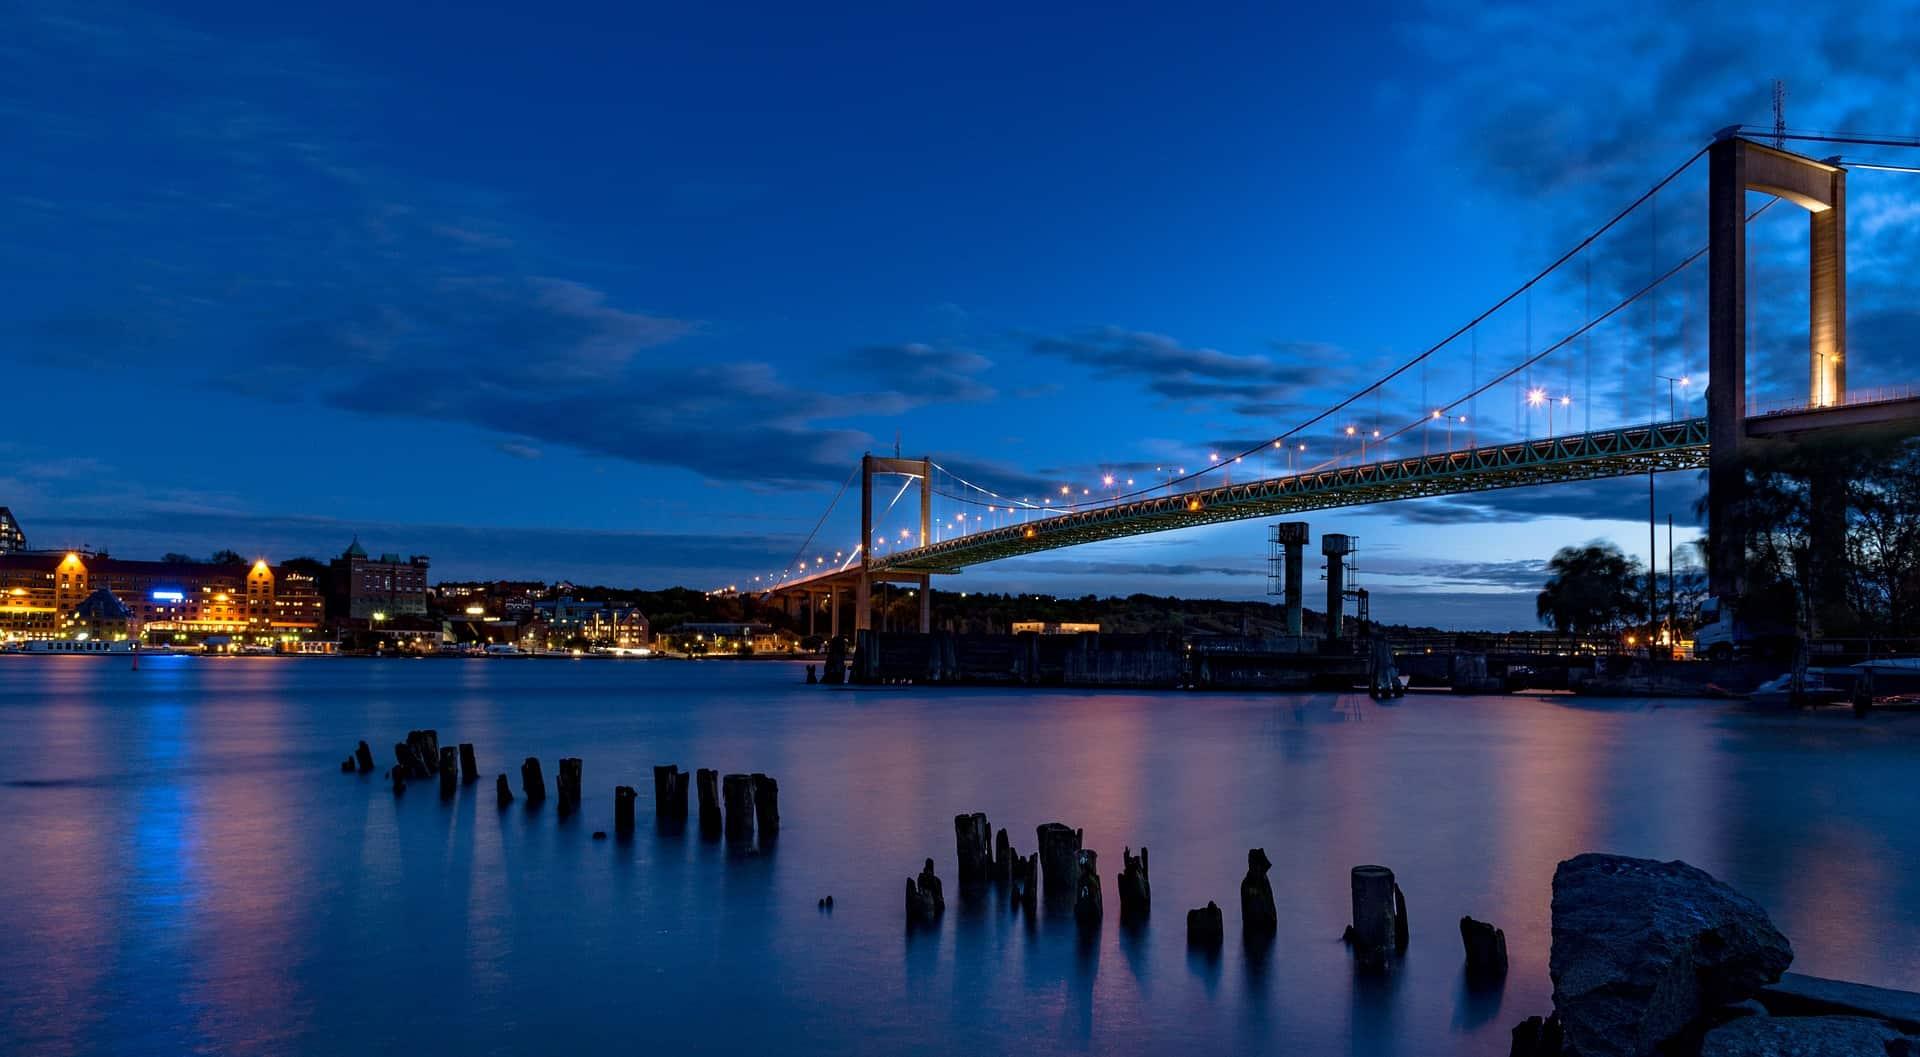 alvsborgsbron Brücke bei Nacht - Städtereisen Göteborg